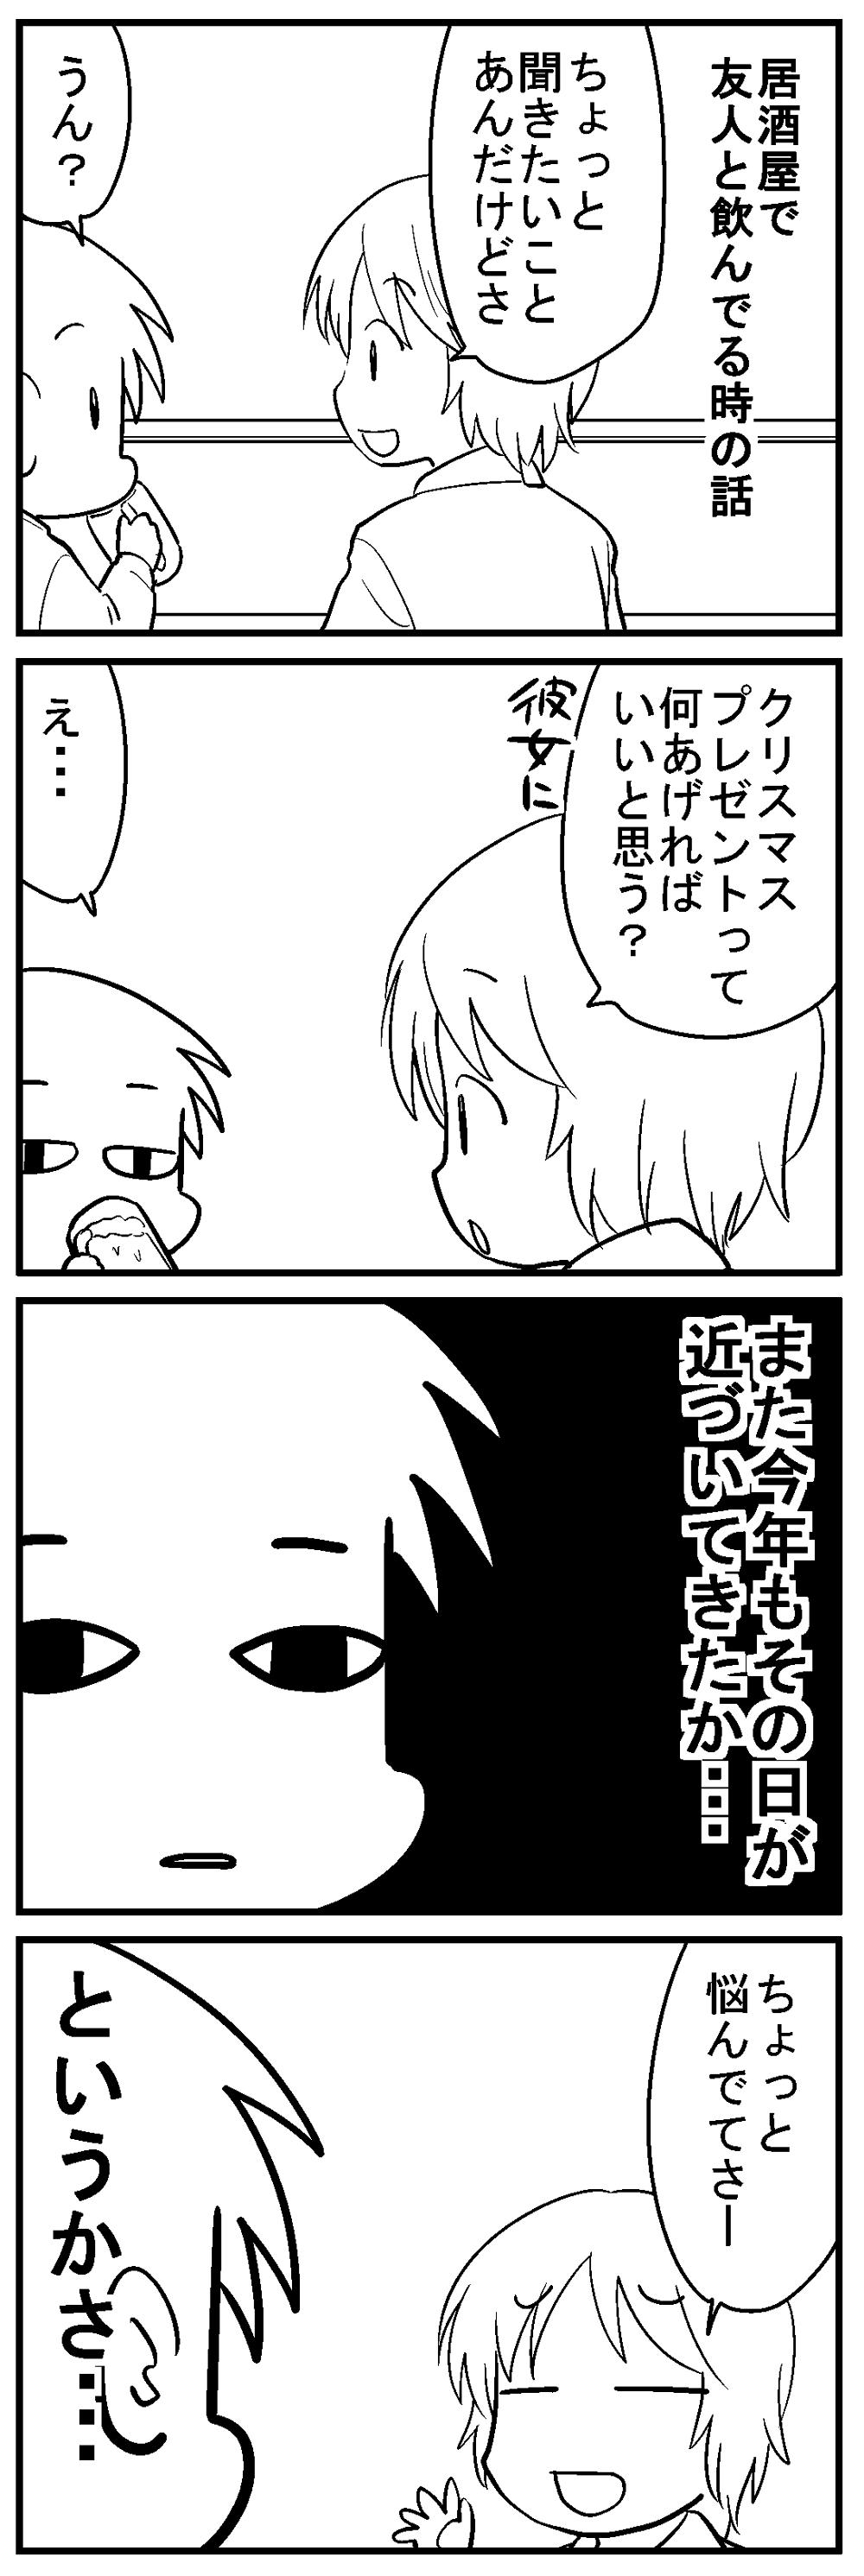 深読みくんクリスマス1-1